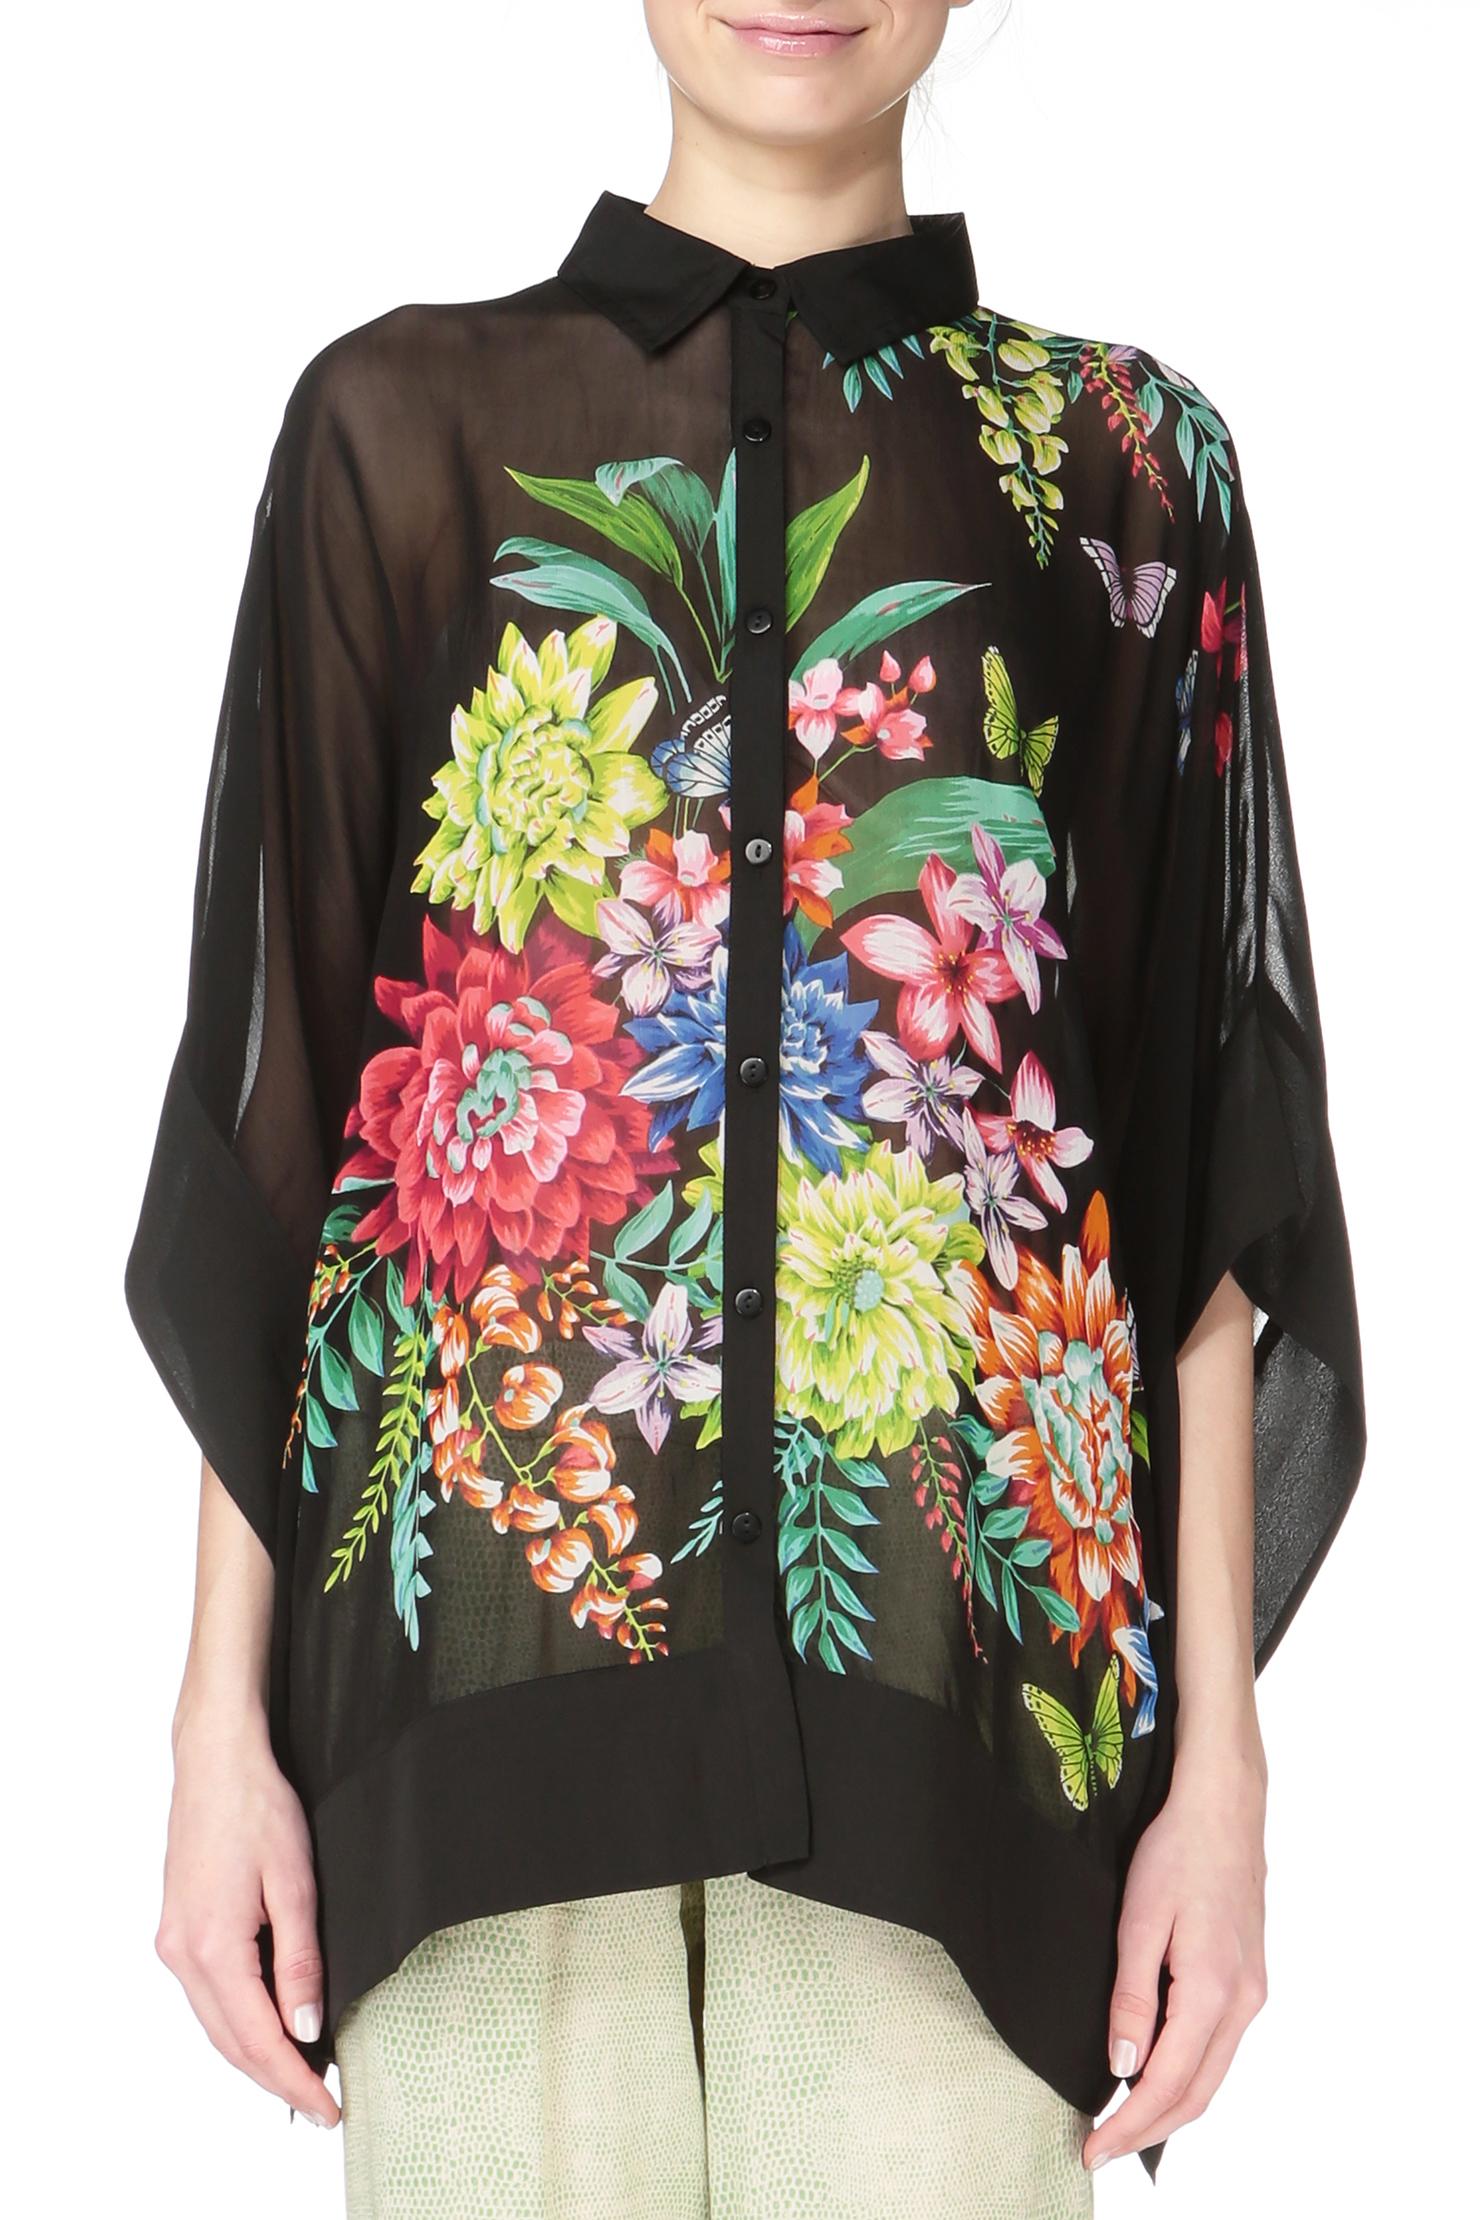 DERHY-blouse